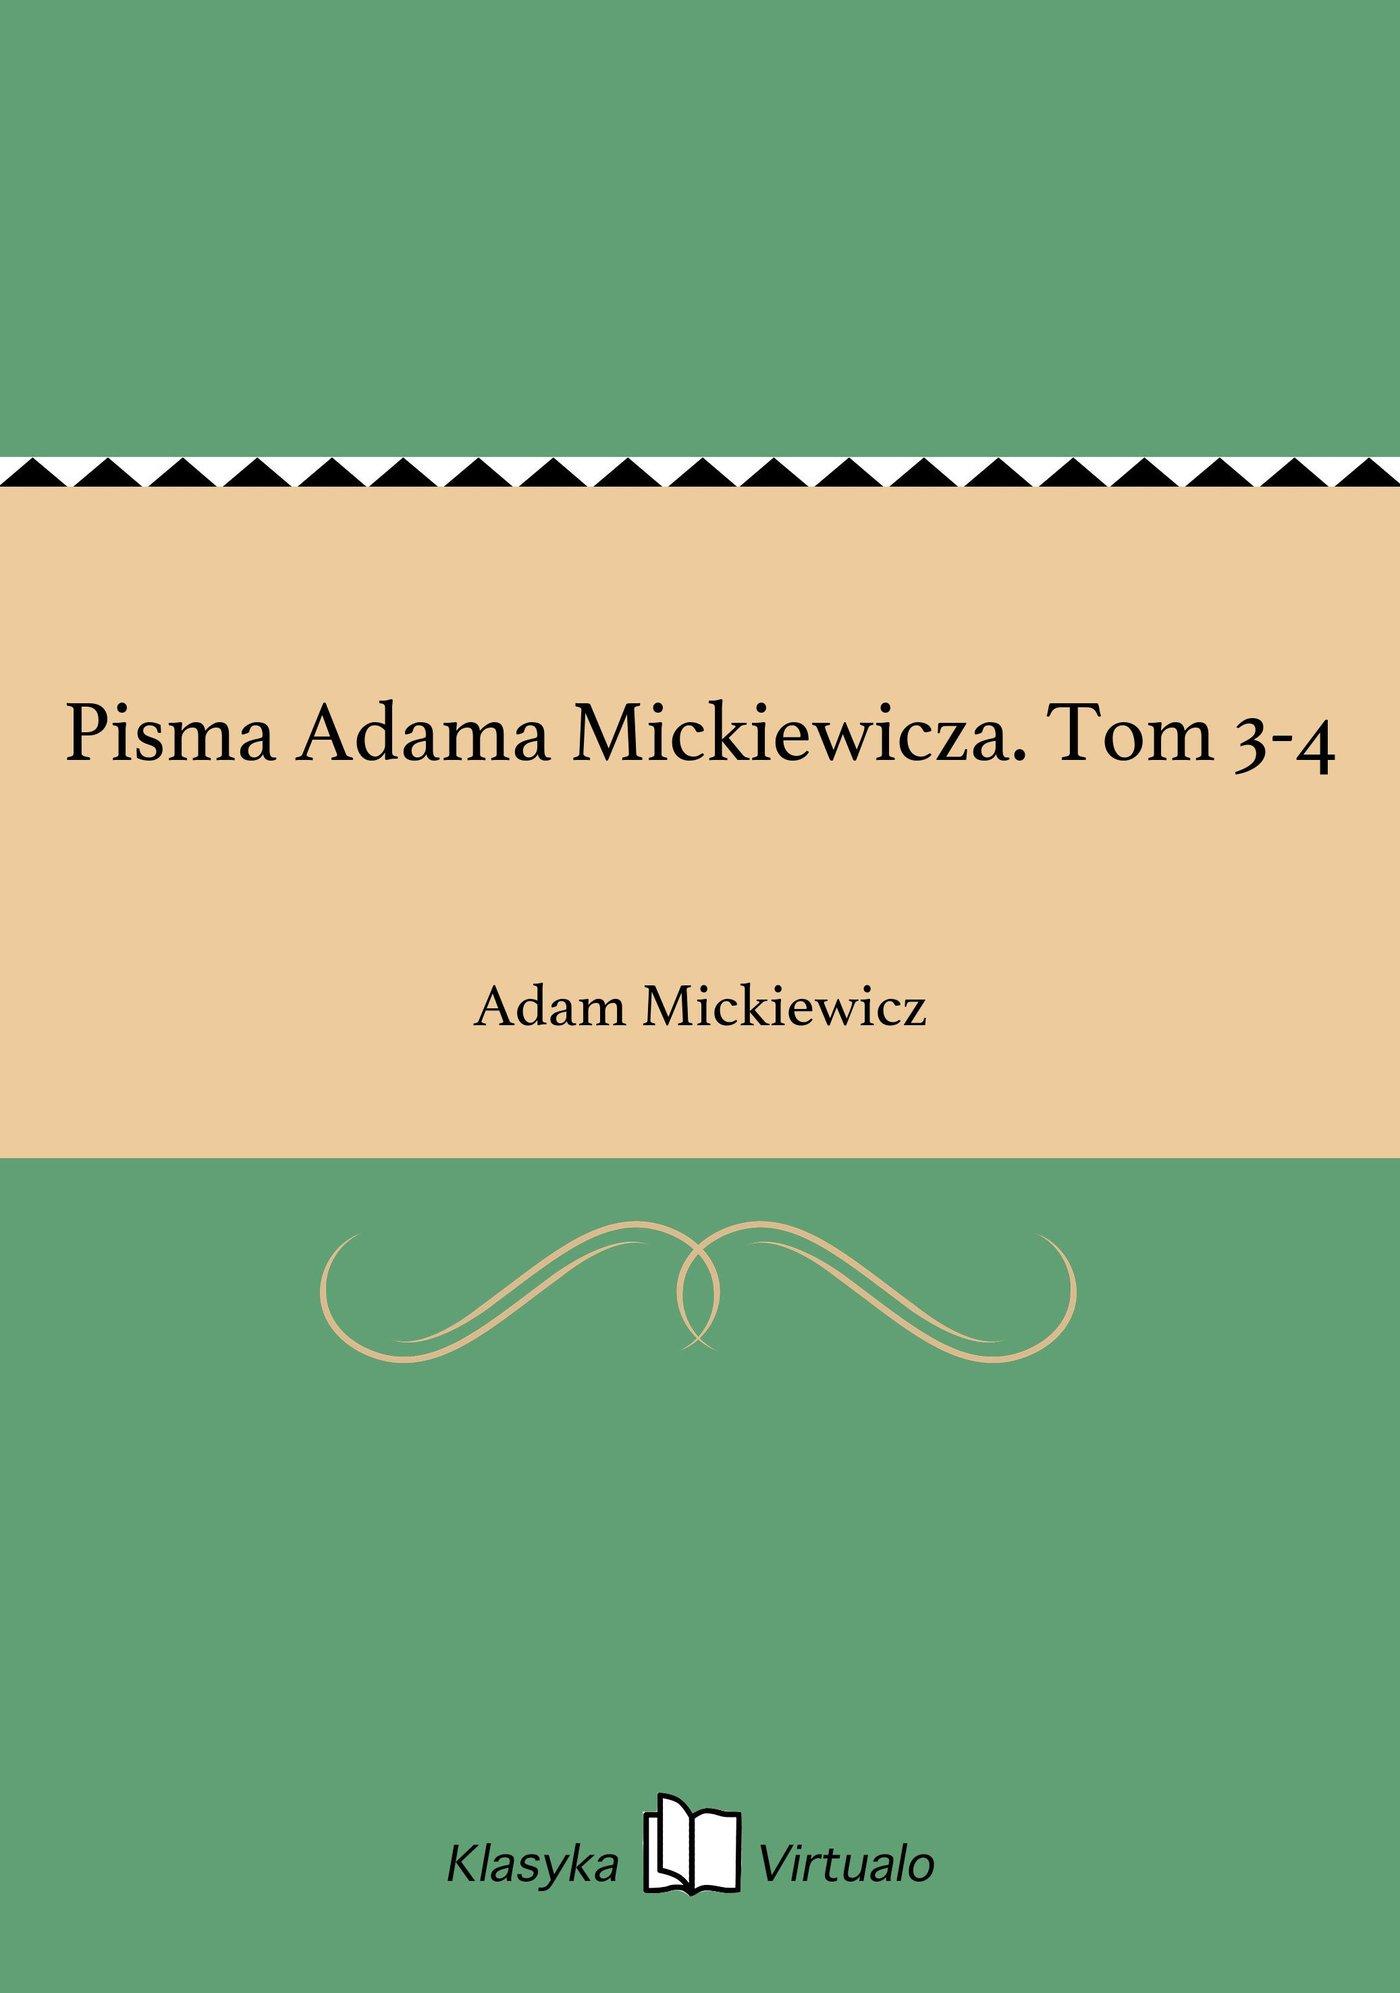 Pisma Adama Mickiewicza. Tom 3-4 - Ebook (Książka EPUB) do pobrania w formacie EPUB